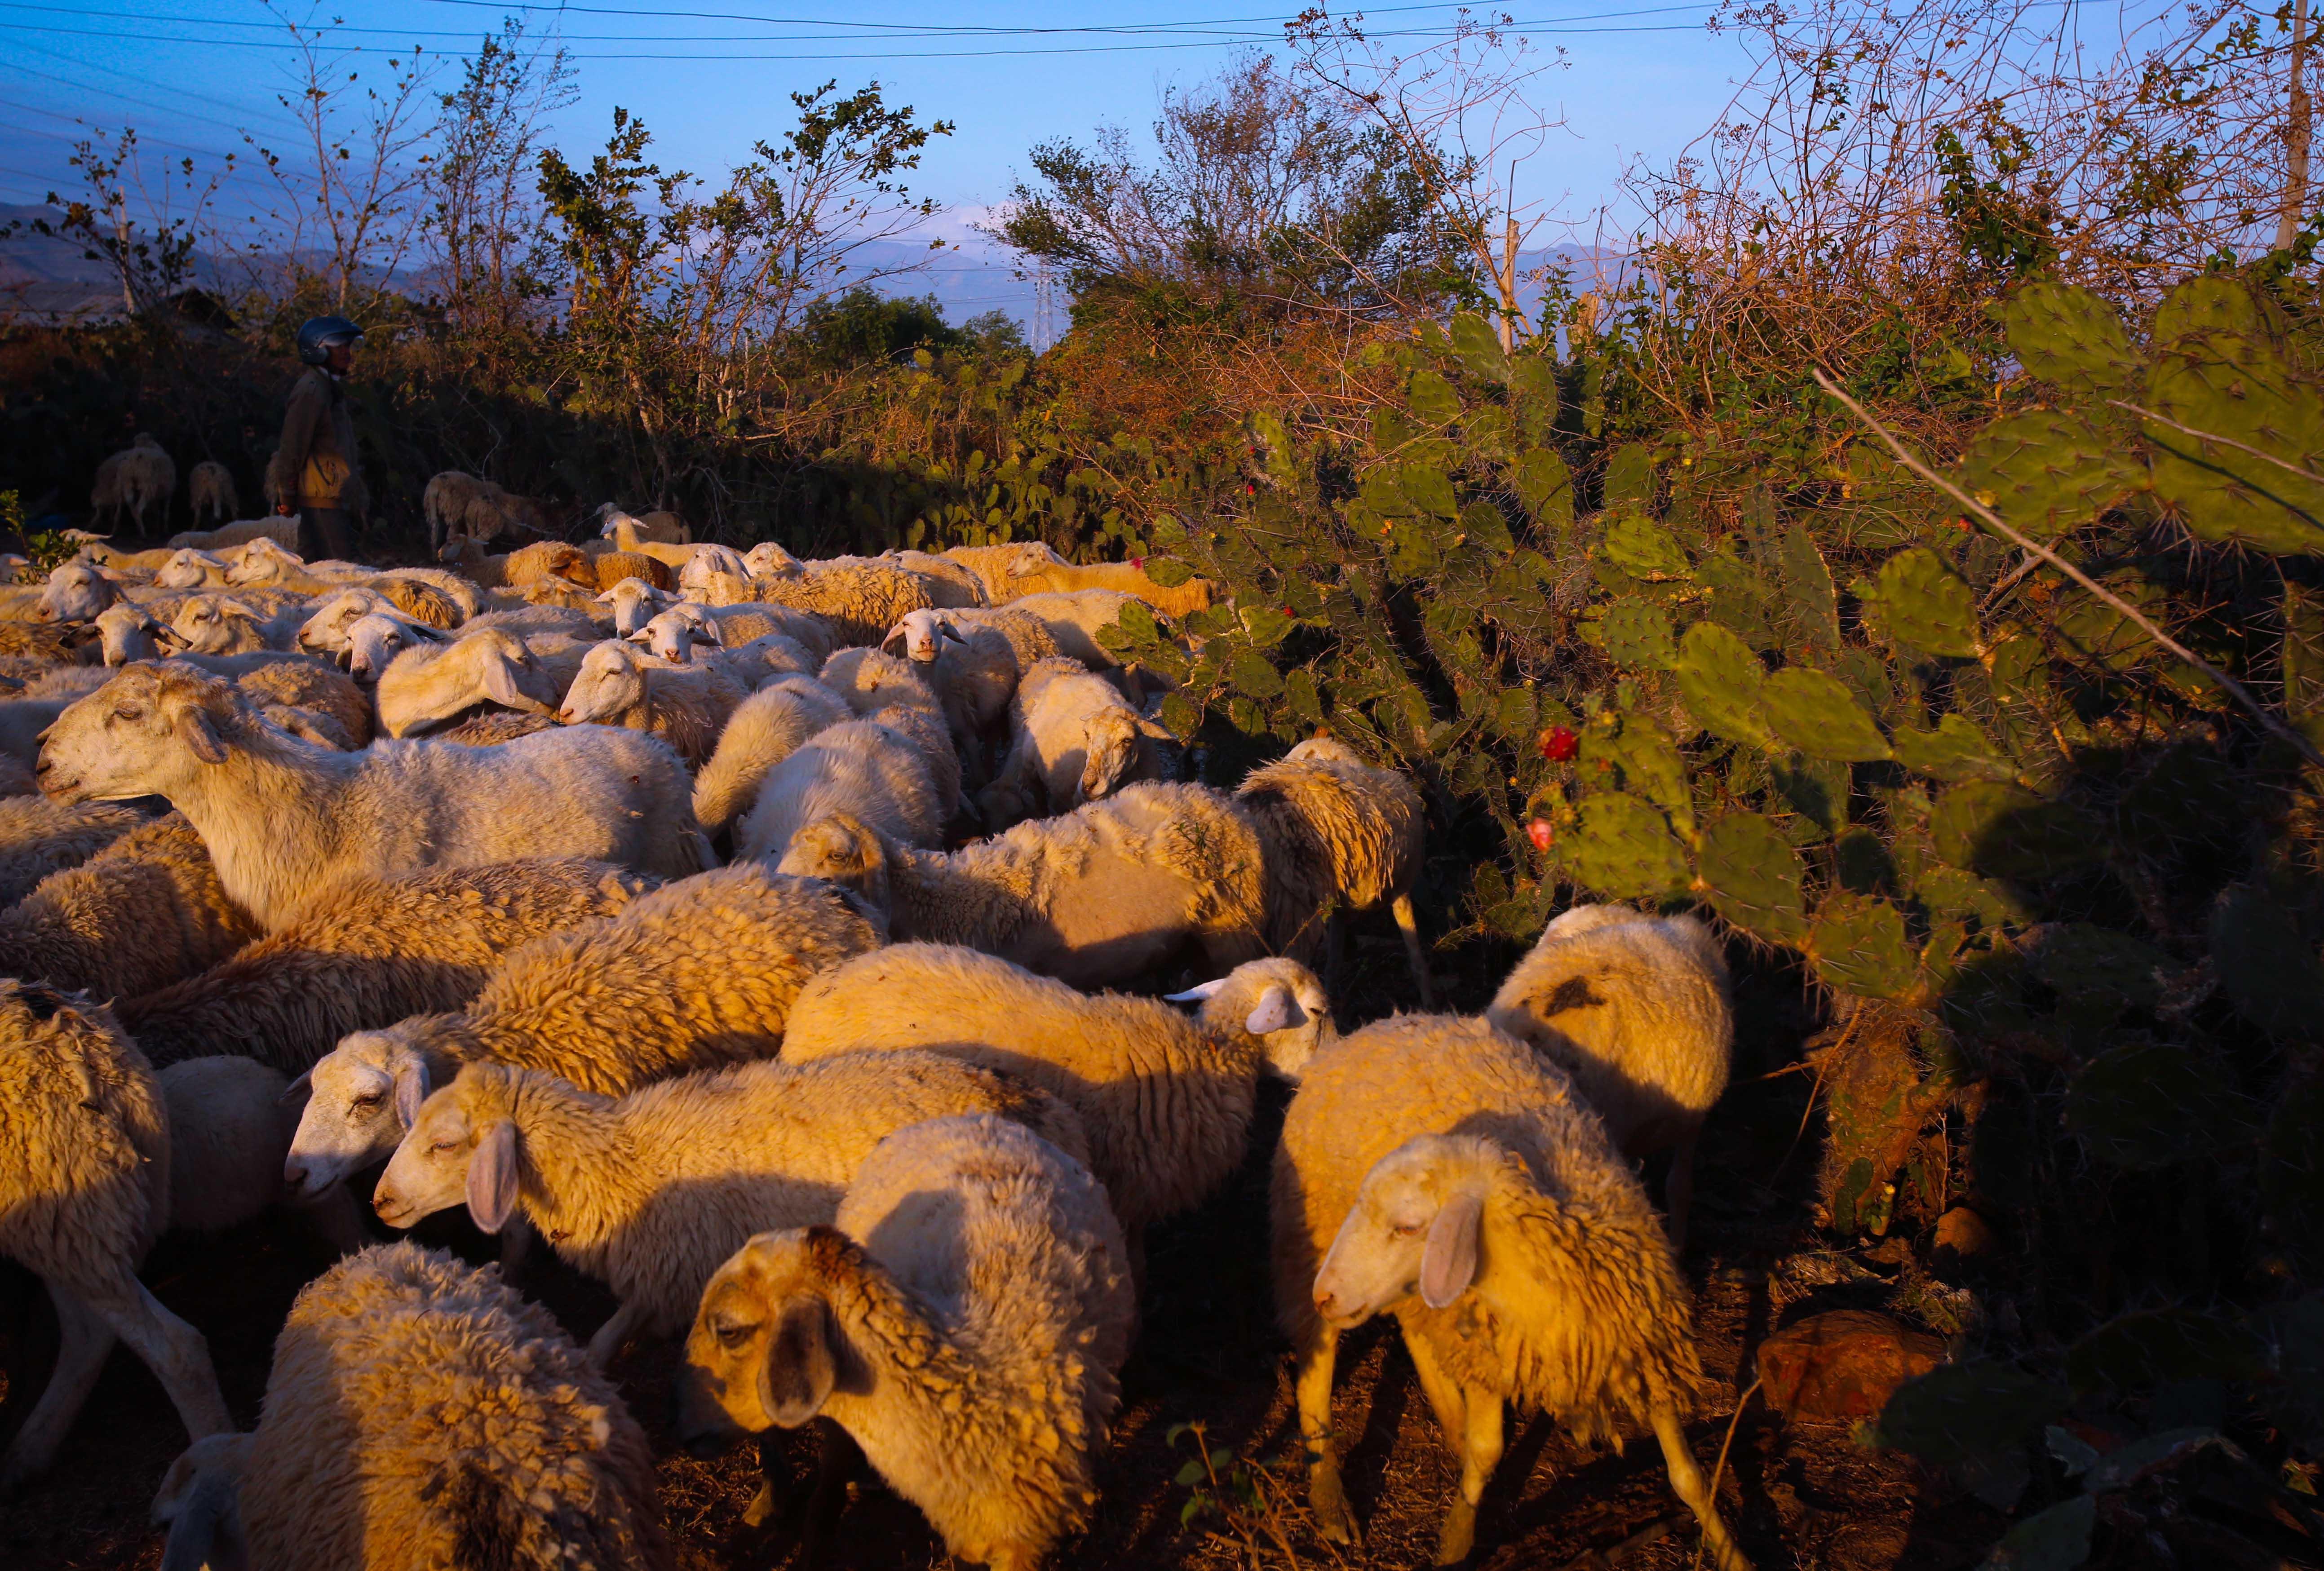 Khi nắng chỉ còn đậu trên những cành xương rồng gai góc, khi đồng cỏ mênh mông bắt đầu nhuốm màu loang tối, cũng là lúc cừu trở về nhà, kết thúc một ngày kiếm ăn nơi đồng khô nắng cháy.